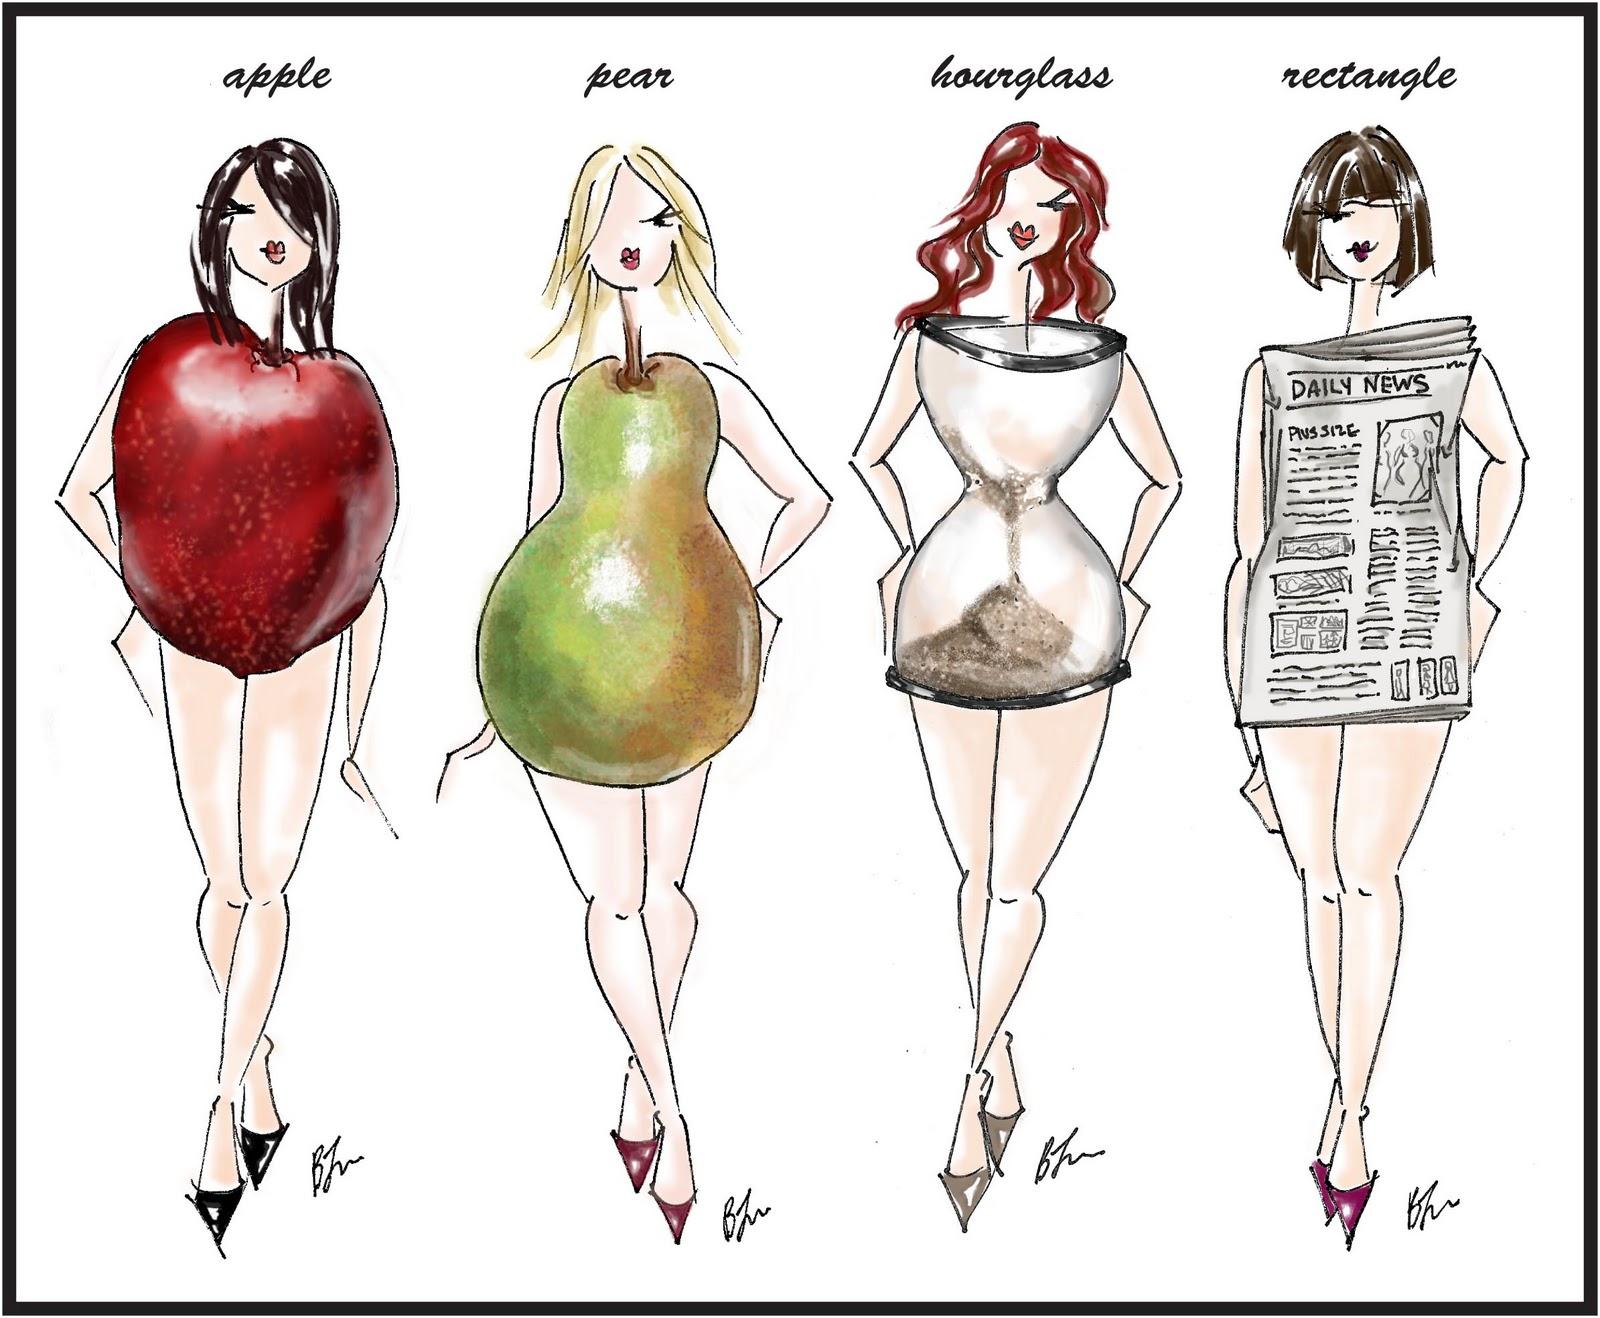 Dieta pe care o adopti depinde de forma corpului pe care o ai